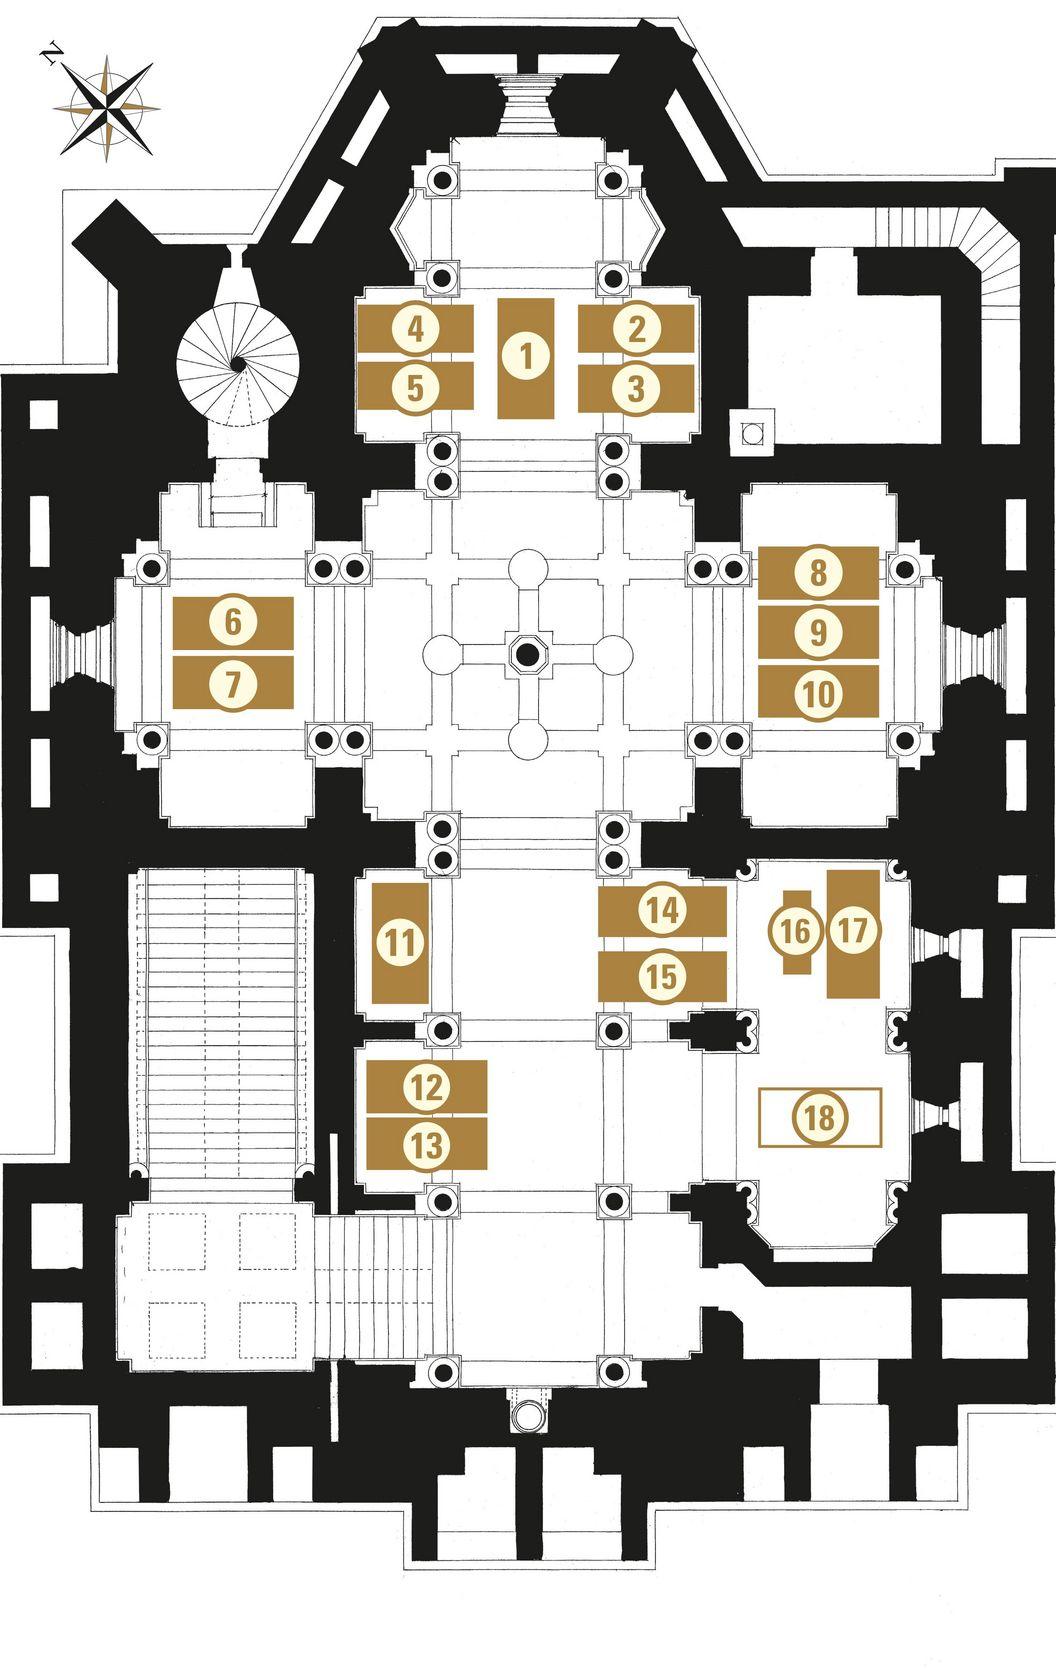 20_karlsruhe_grabkapelle_gruftplan-kunstfuehrer_illustration-ssg-gestaltung-3we-gmbh-2.jpg